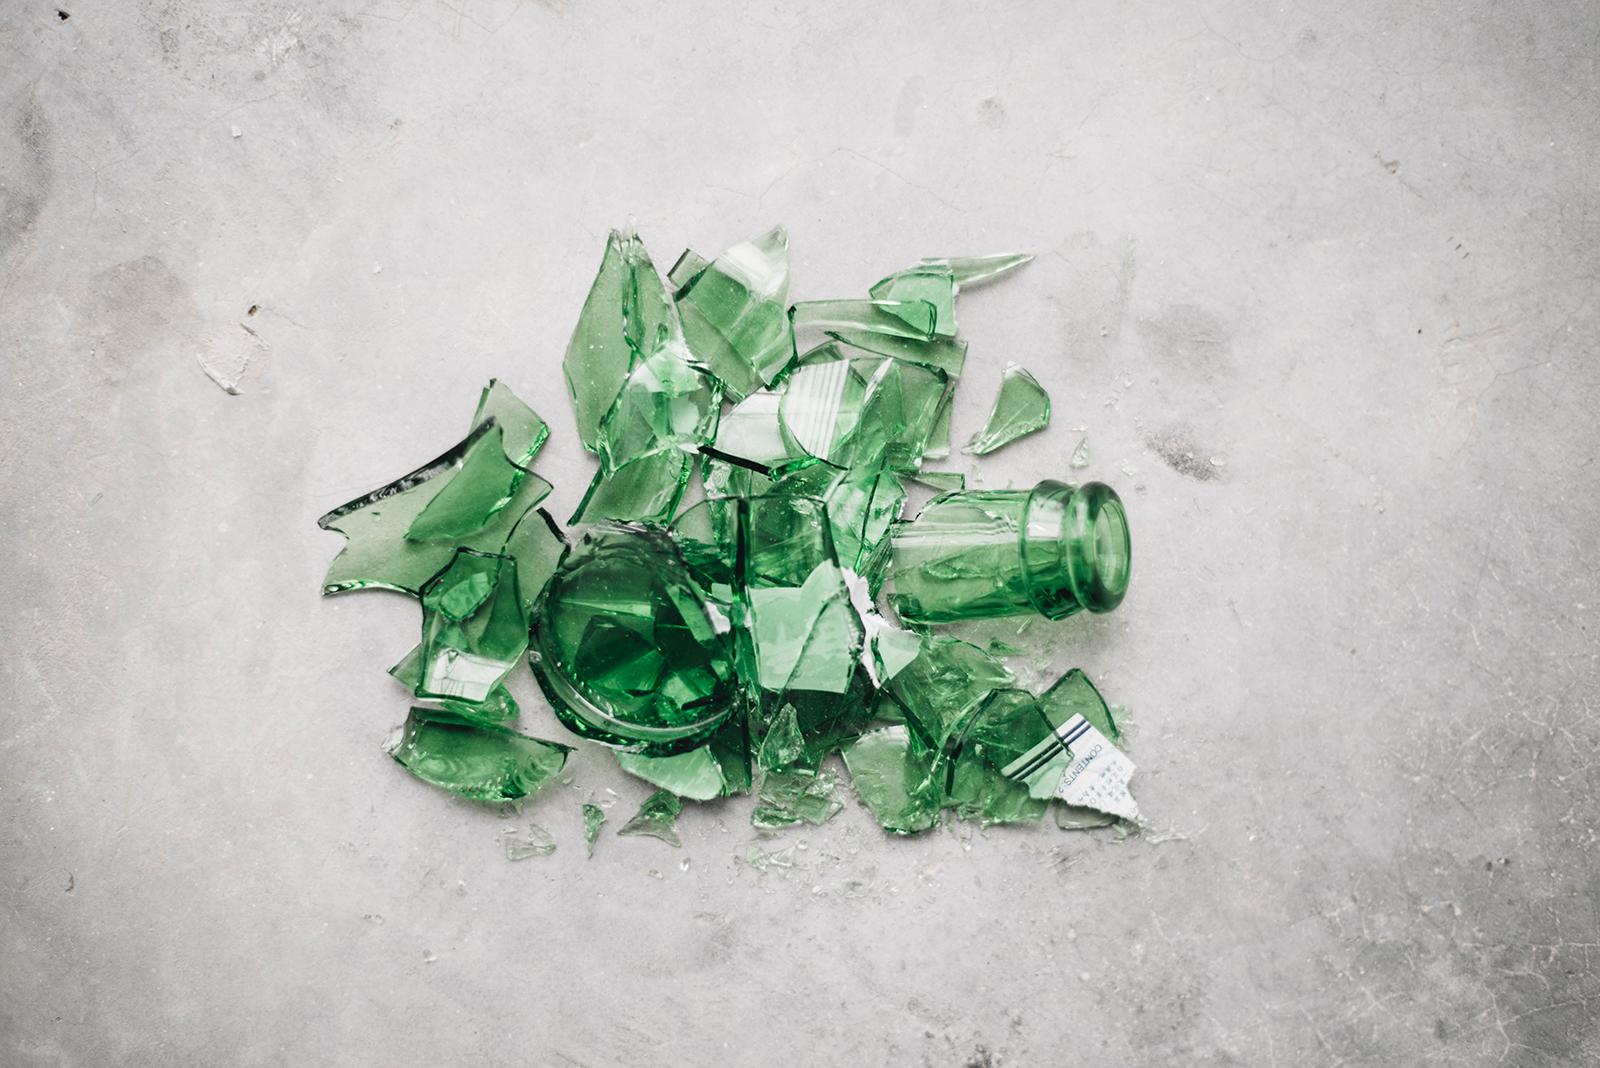 Le verre rejeté du bac vert. Que peut-on y faire?